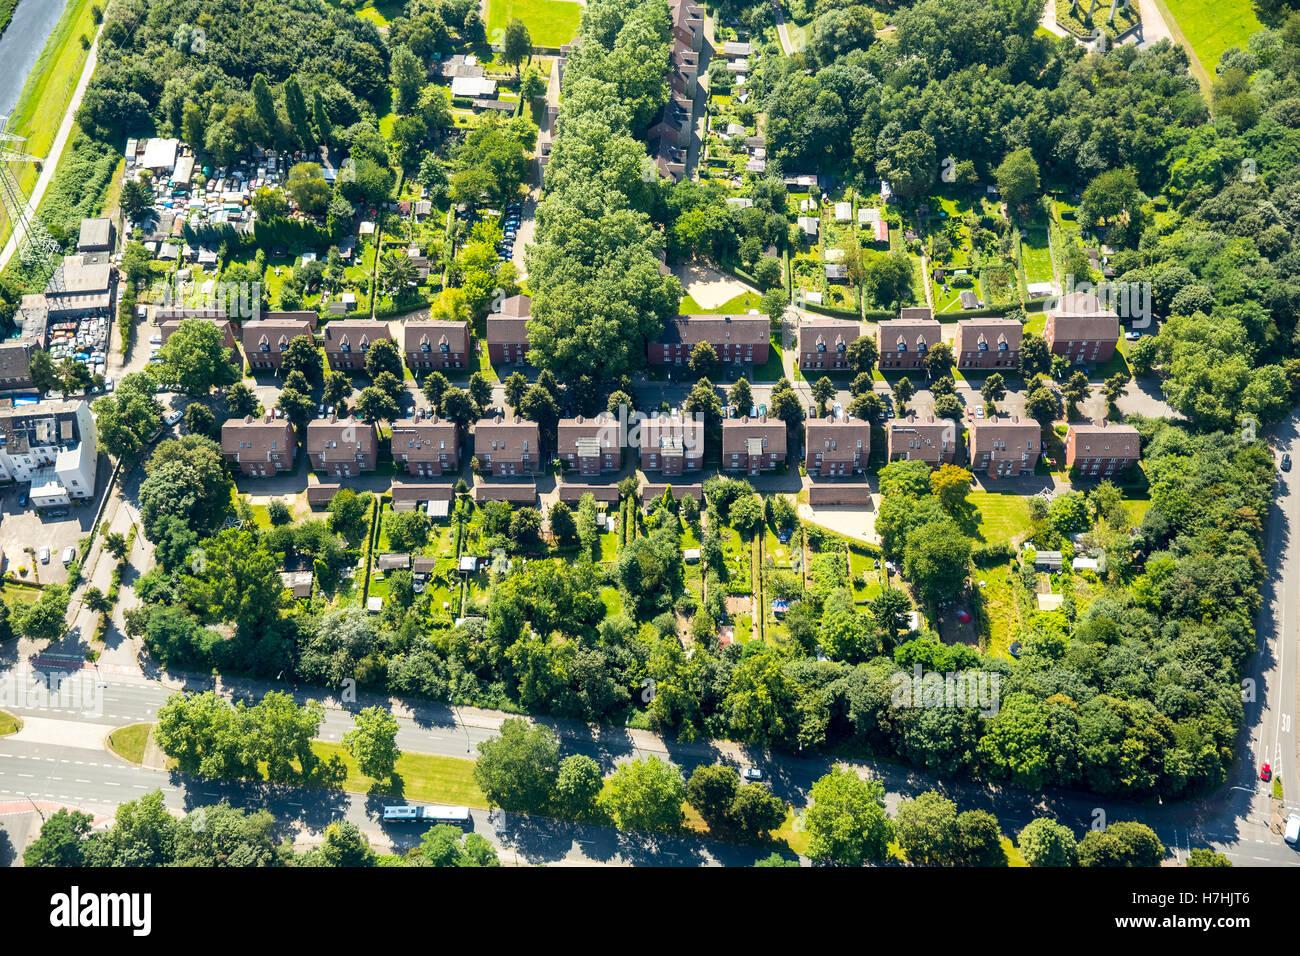 Vue aérienne, ensemble immobilier historique, les mines de charbon, de règlement des maisons appartenant Photo Stock